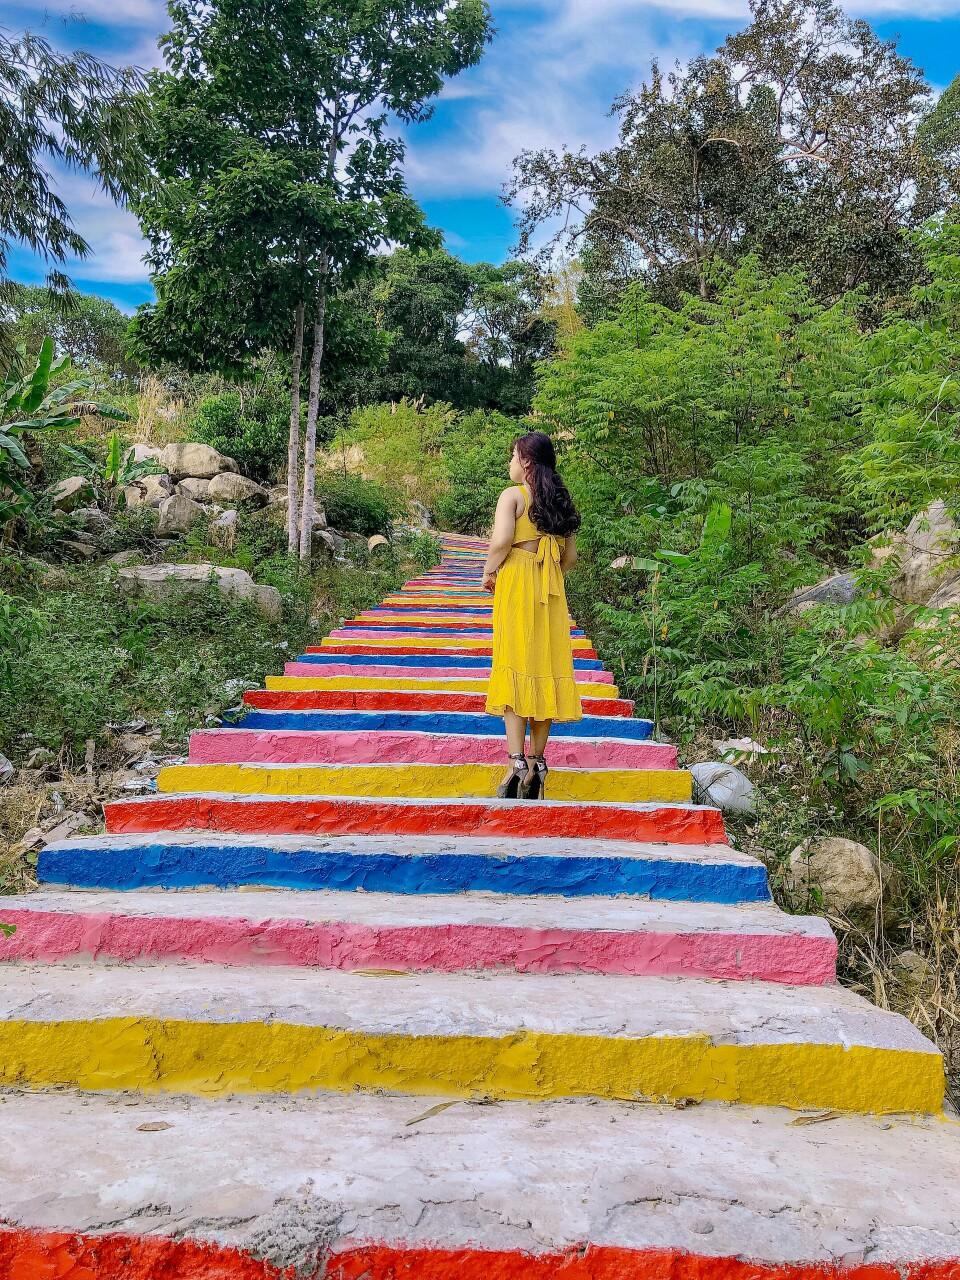 Homestay Đề Thơ: Điểm dừng chân xanh mát view biển đẹp ở Hòn Sơn